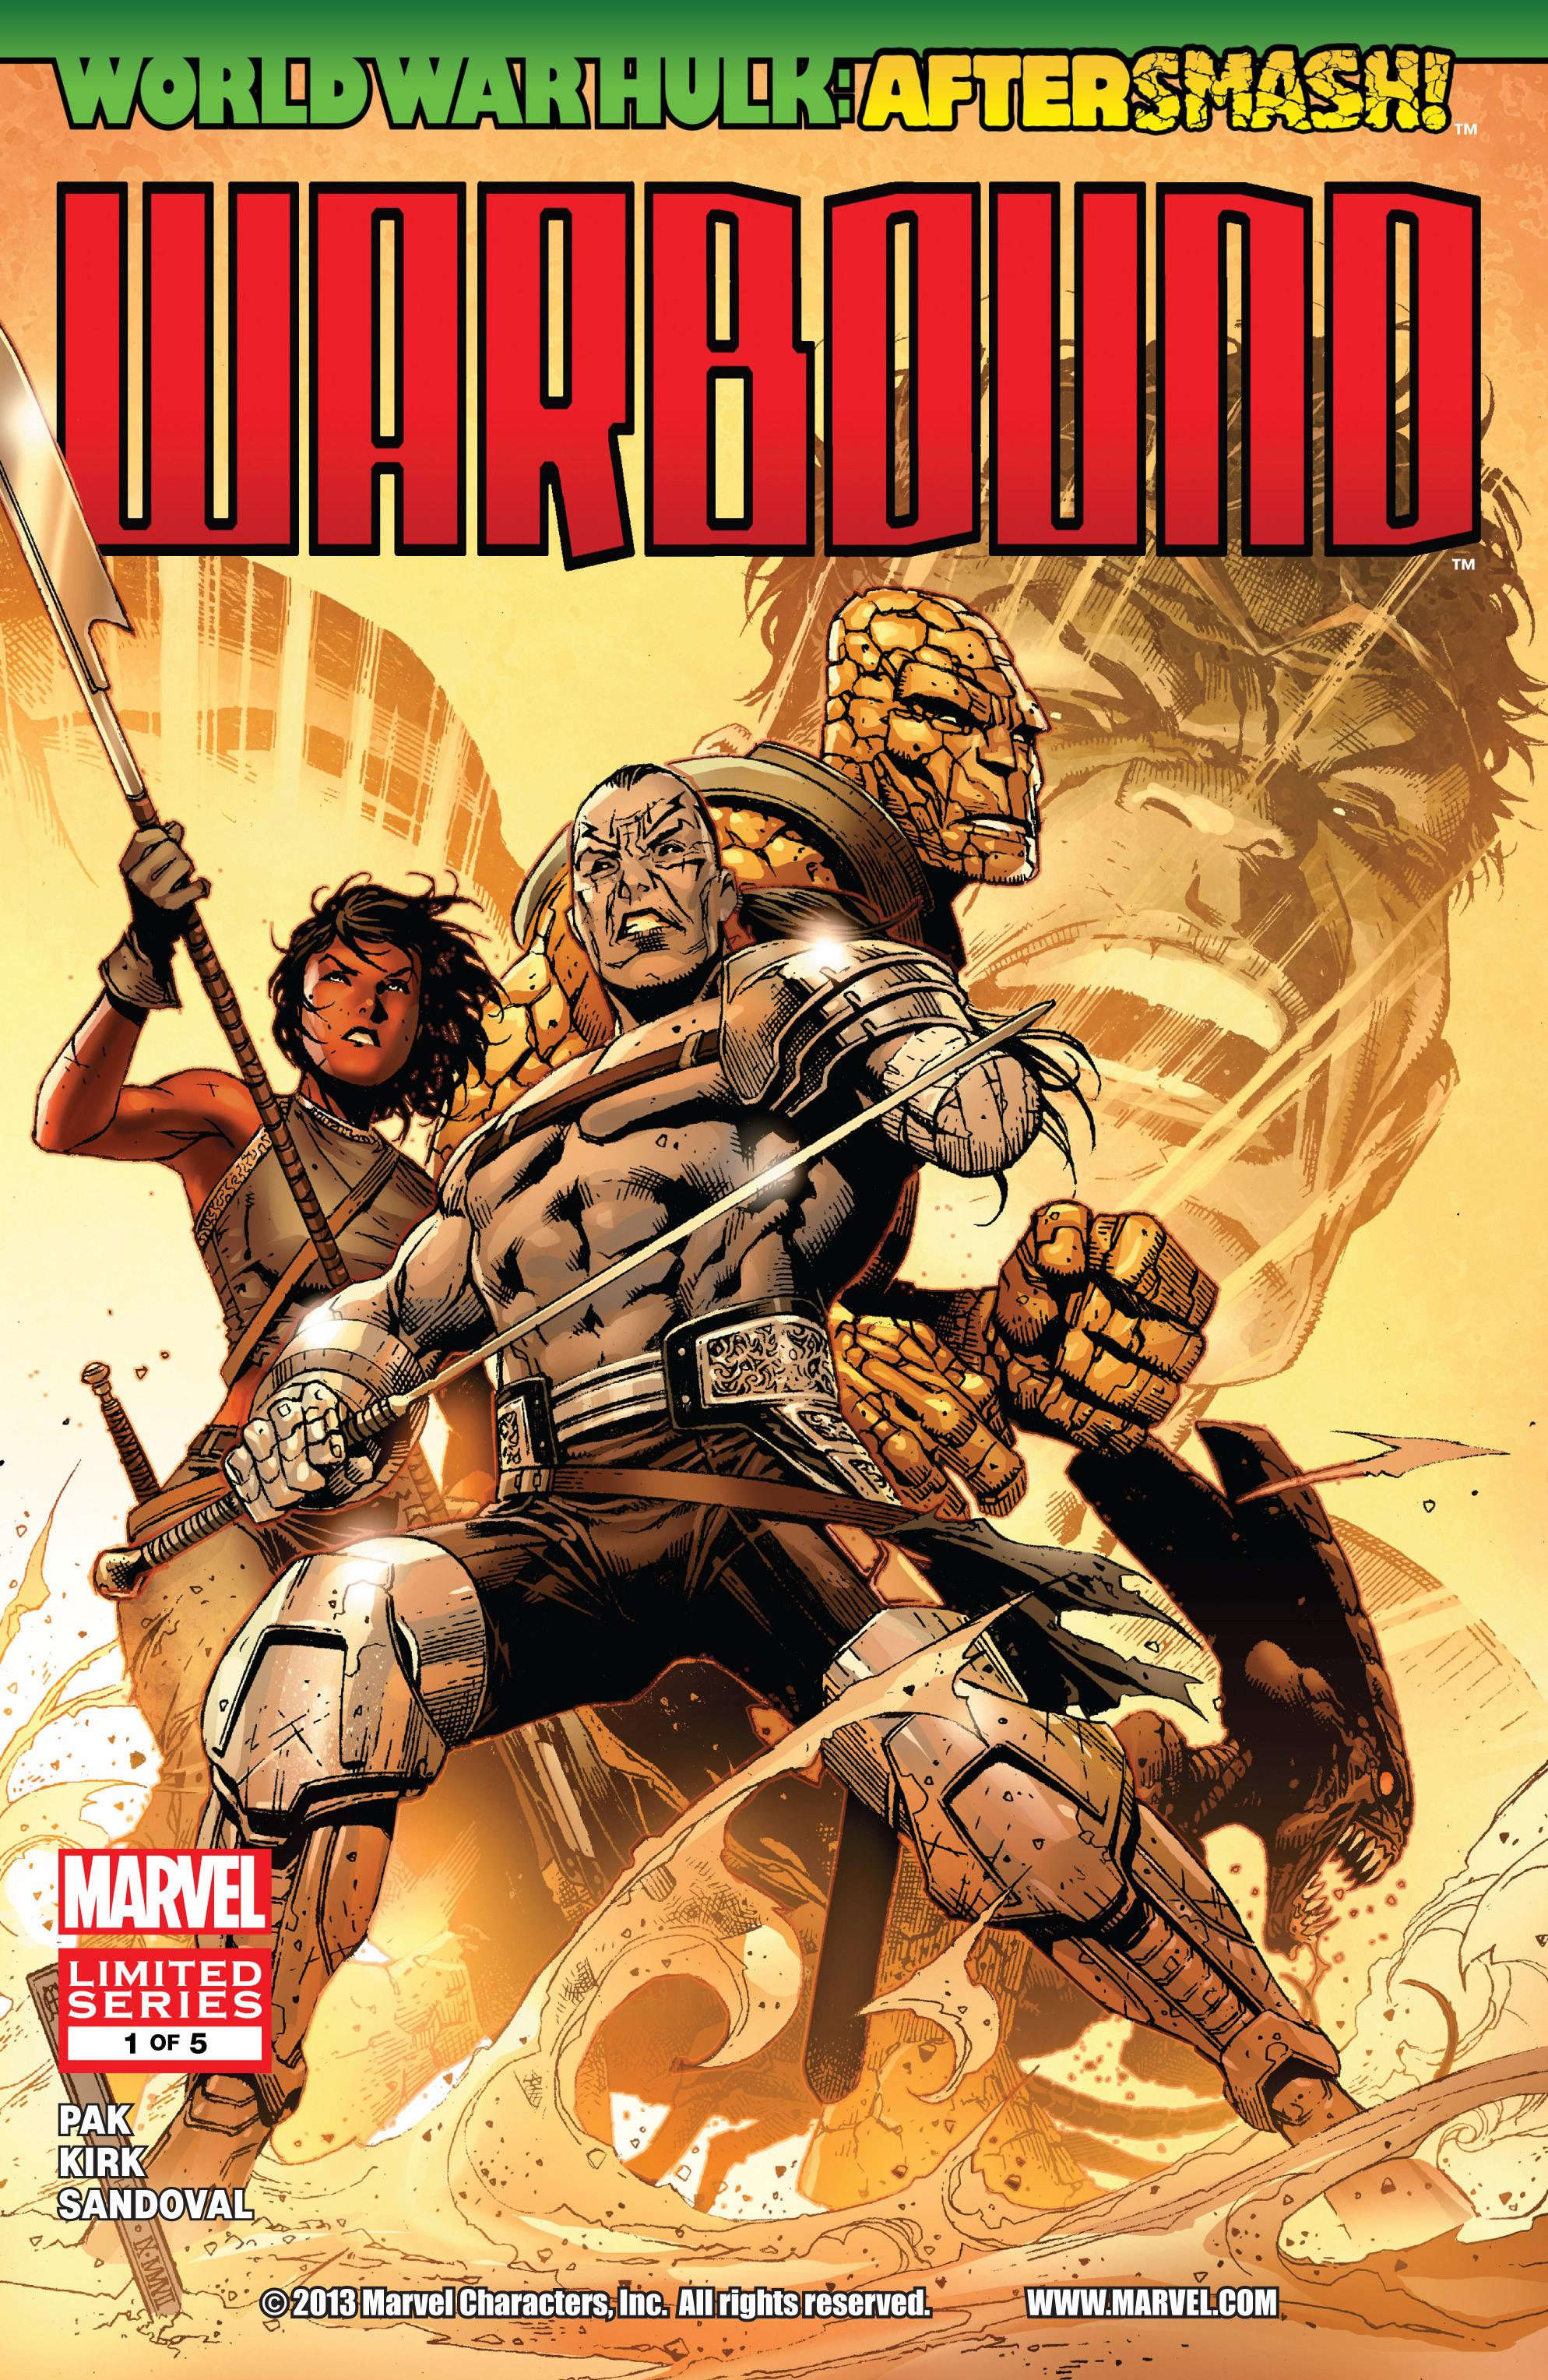 Read online World War Hulk Aftersmash: Warbound, Vol. 1 comic -  Issue #1 - 1